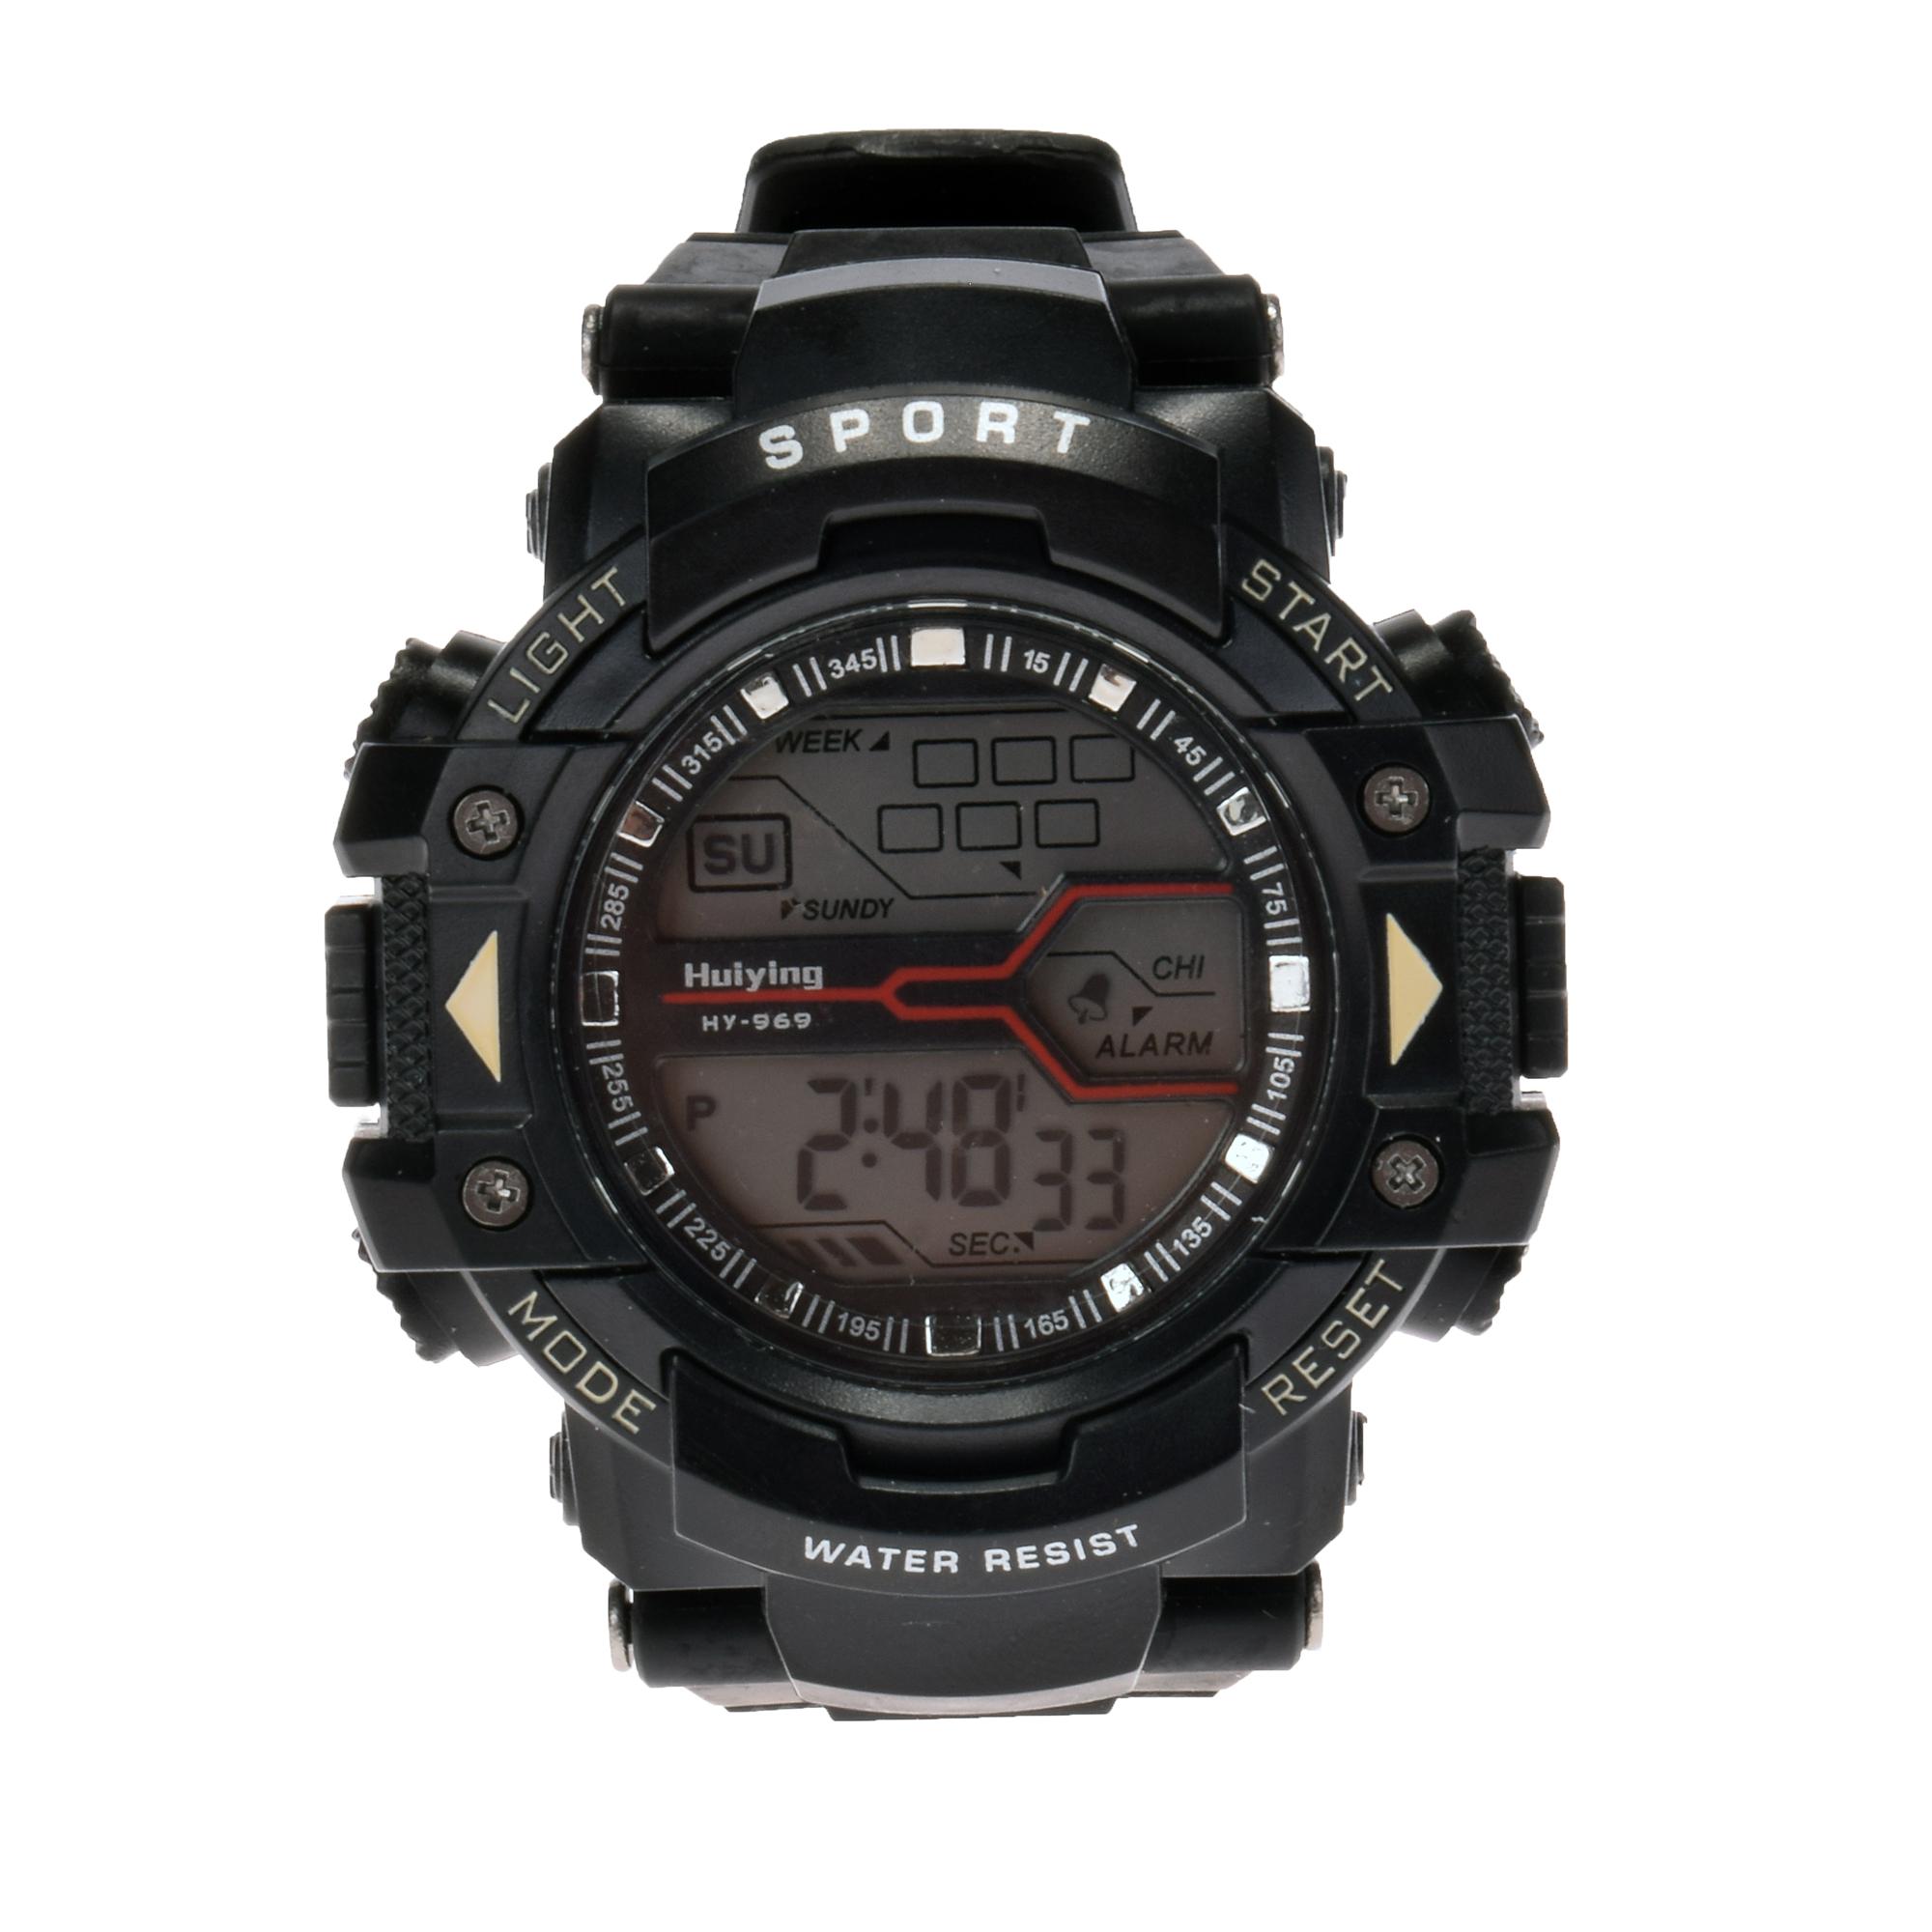 ساعت مچی دیجیتال مردانه هیولینگ مدل 969 کد b1             قیمت